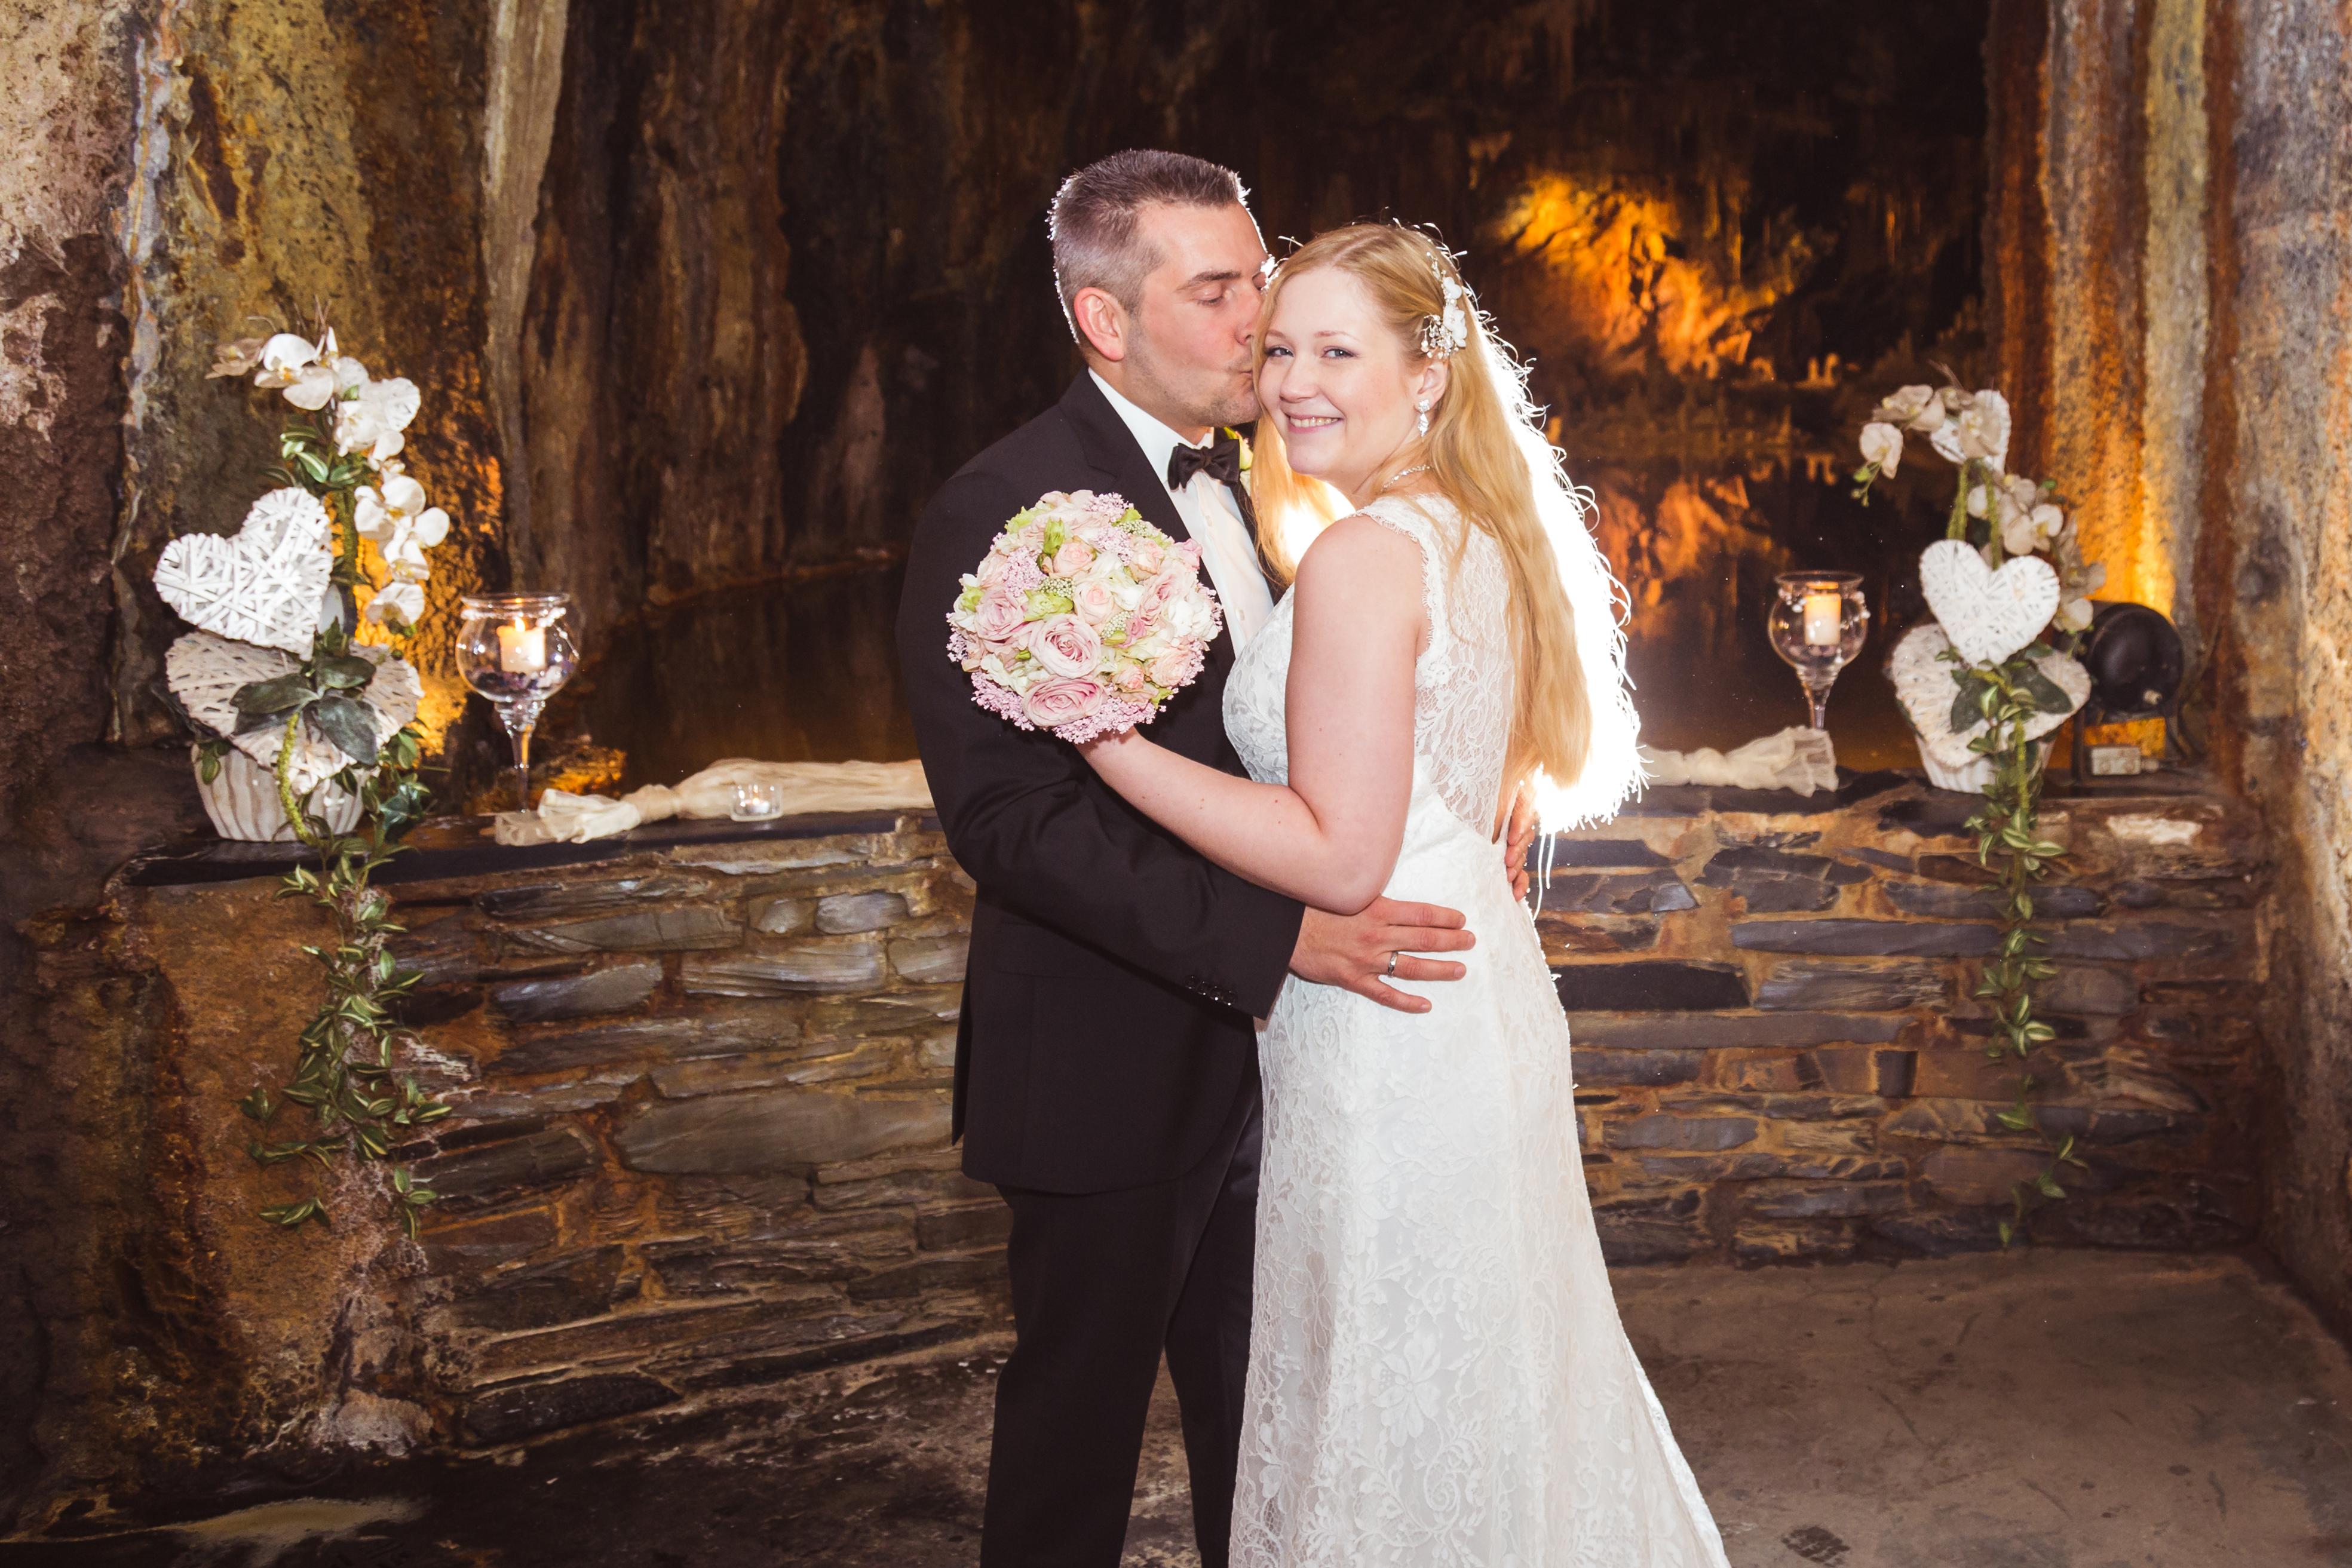 Hochzeitsfoto-Feengrotten (6a) (3)